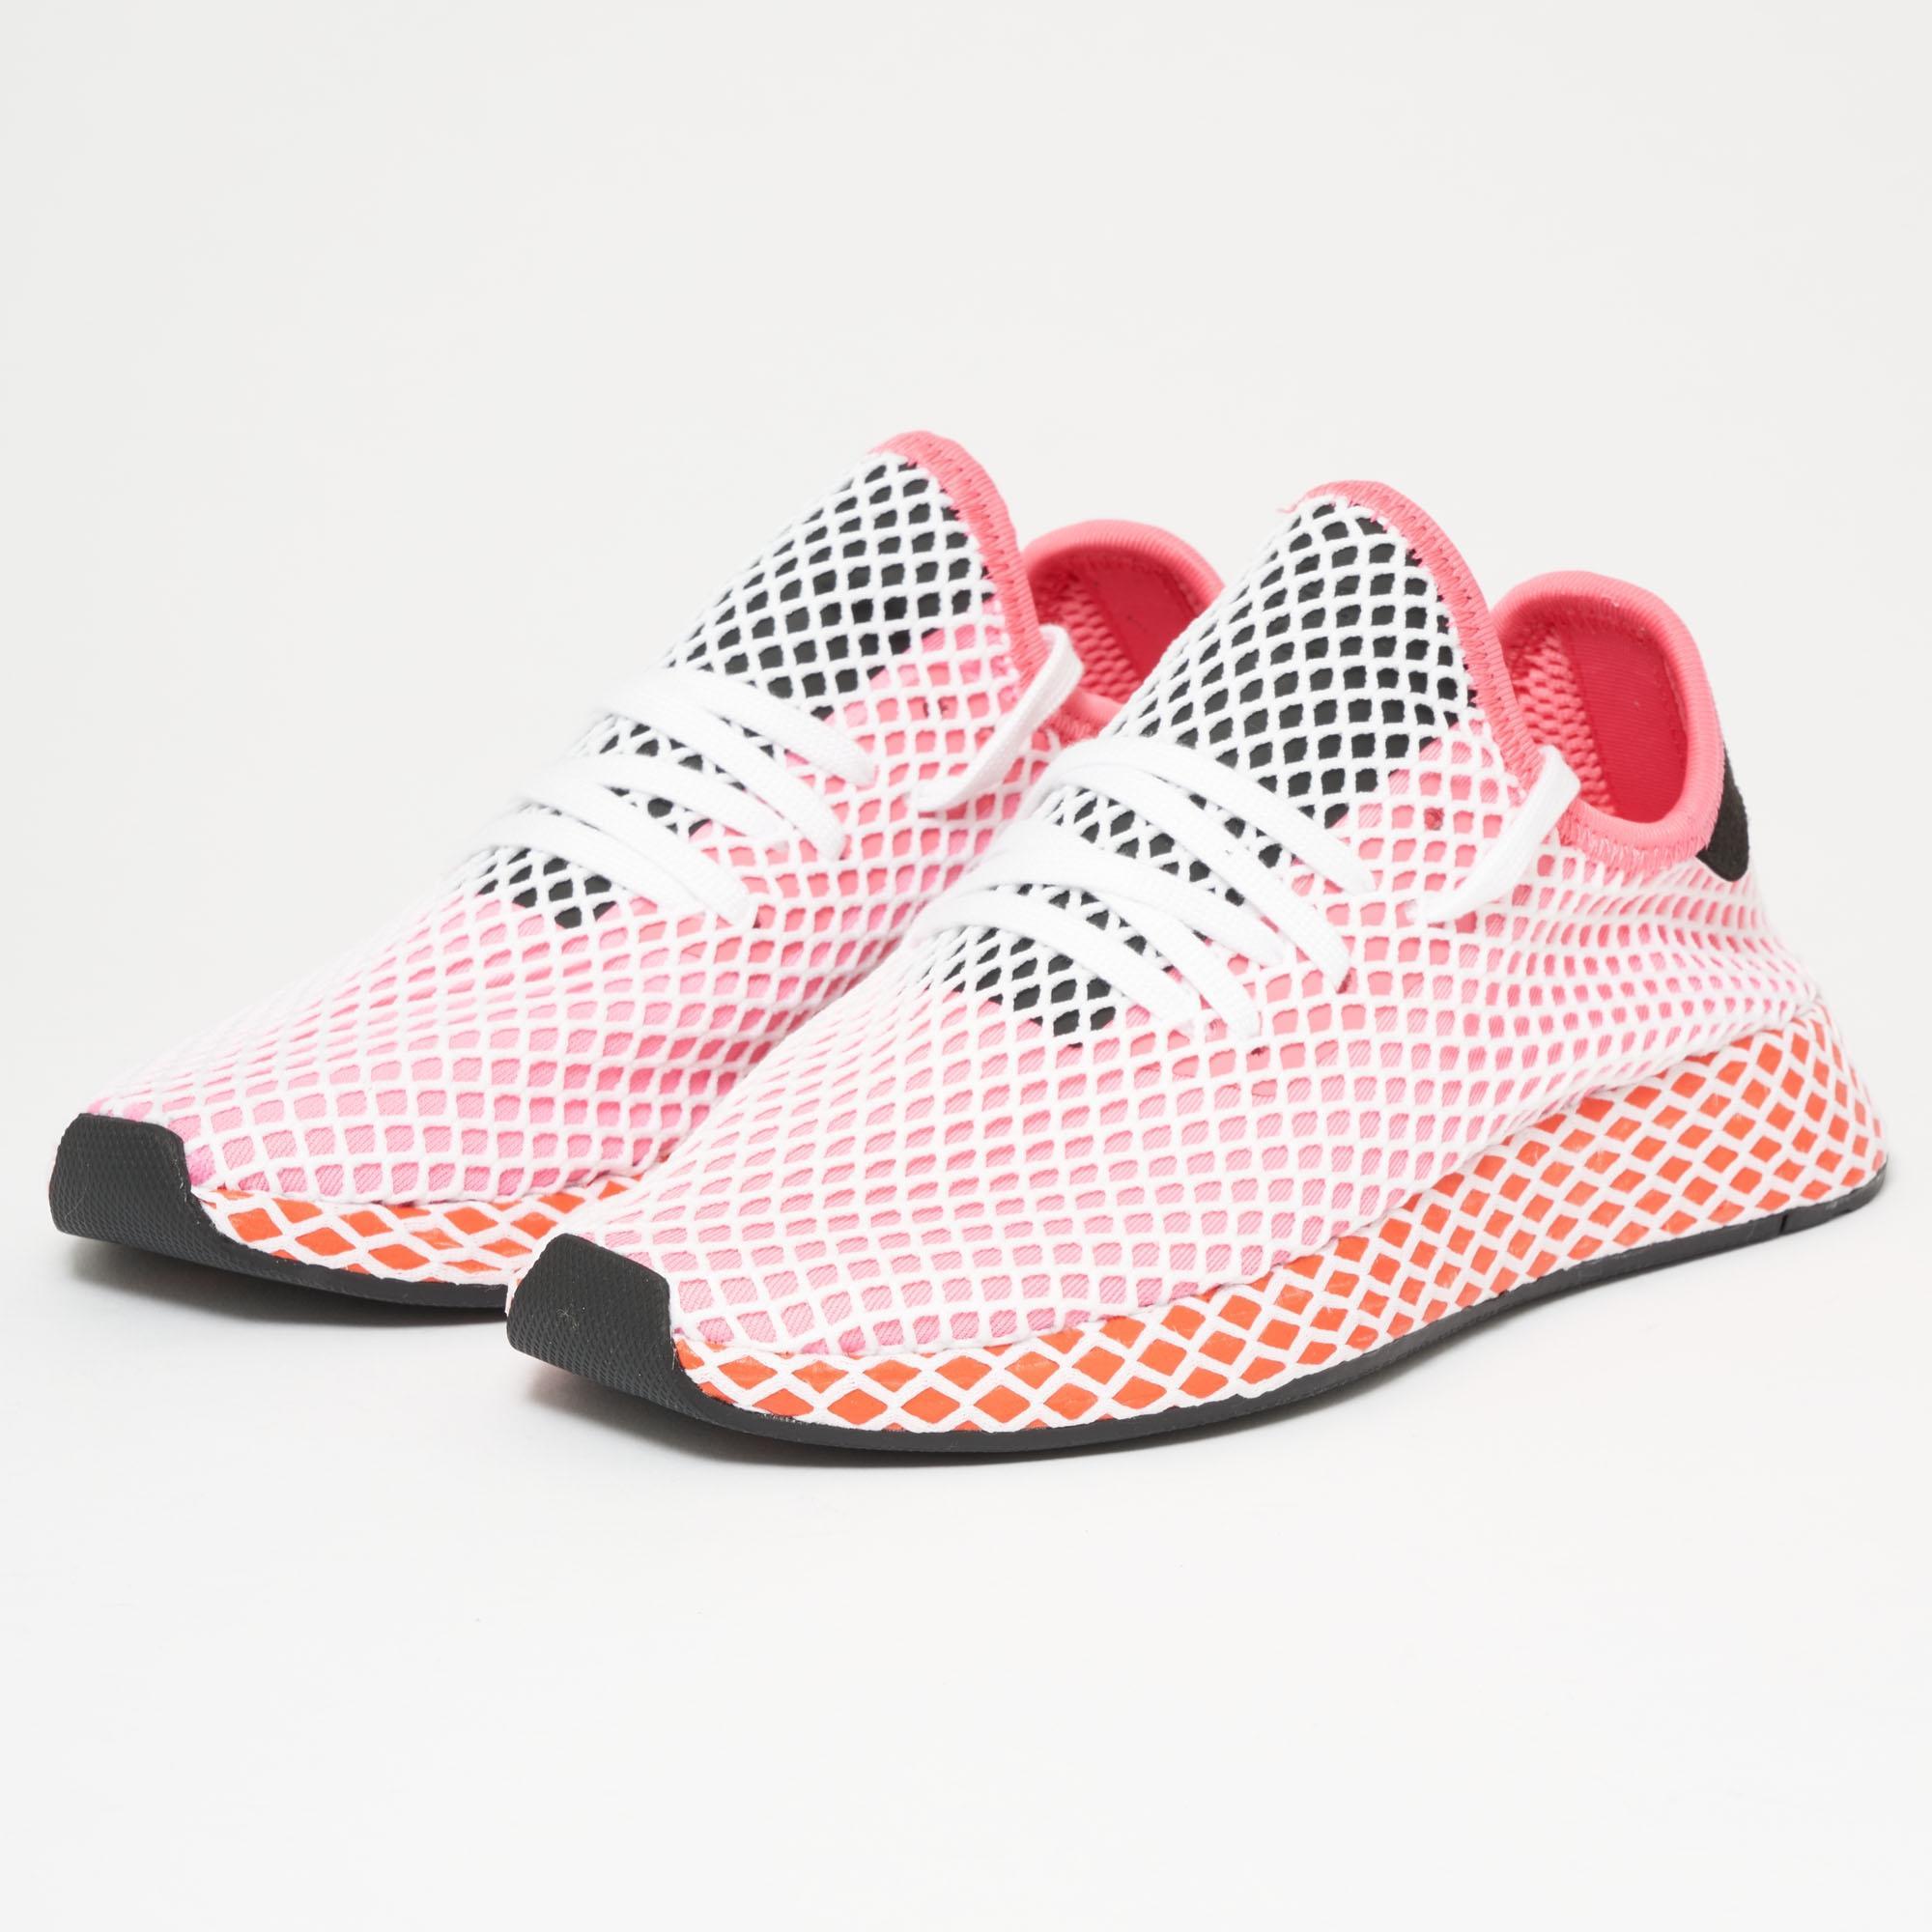 adidas Originals DEERUPT RUNNER - Trainers - chalk pink/bold orange 0aLqabL